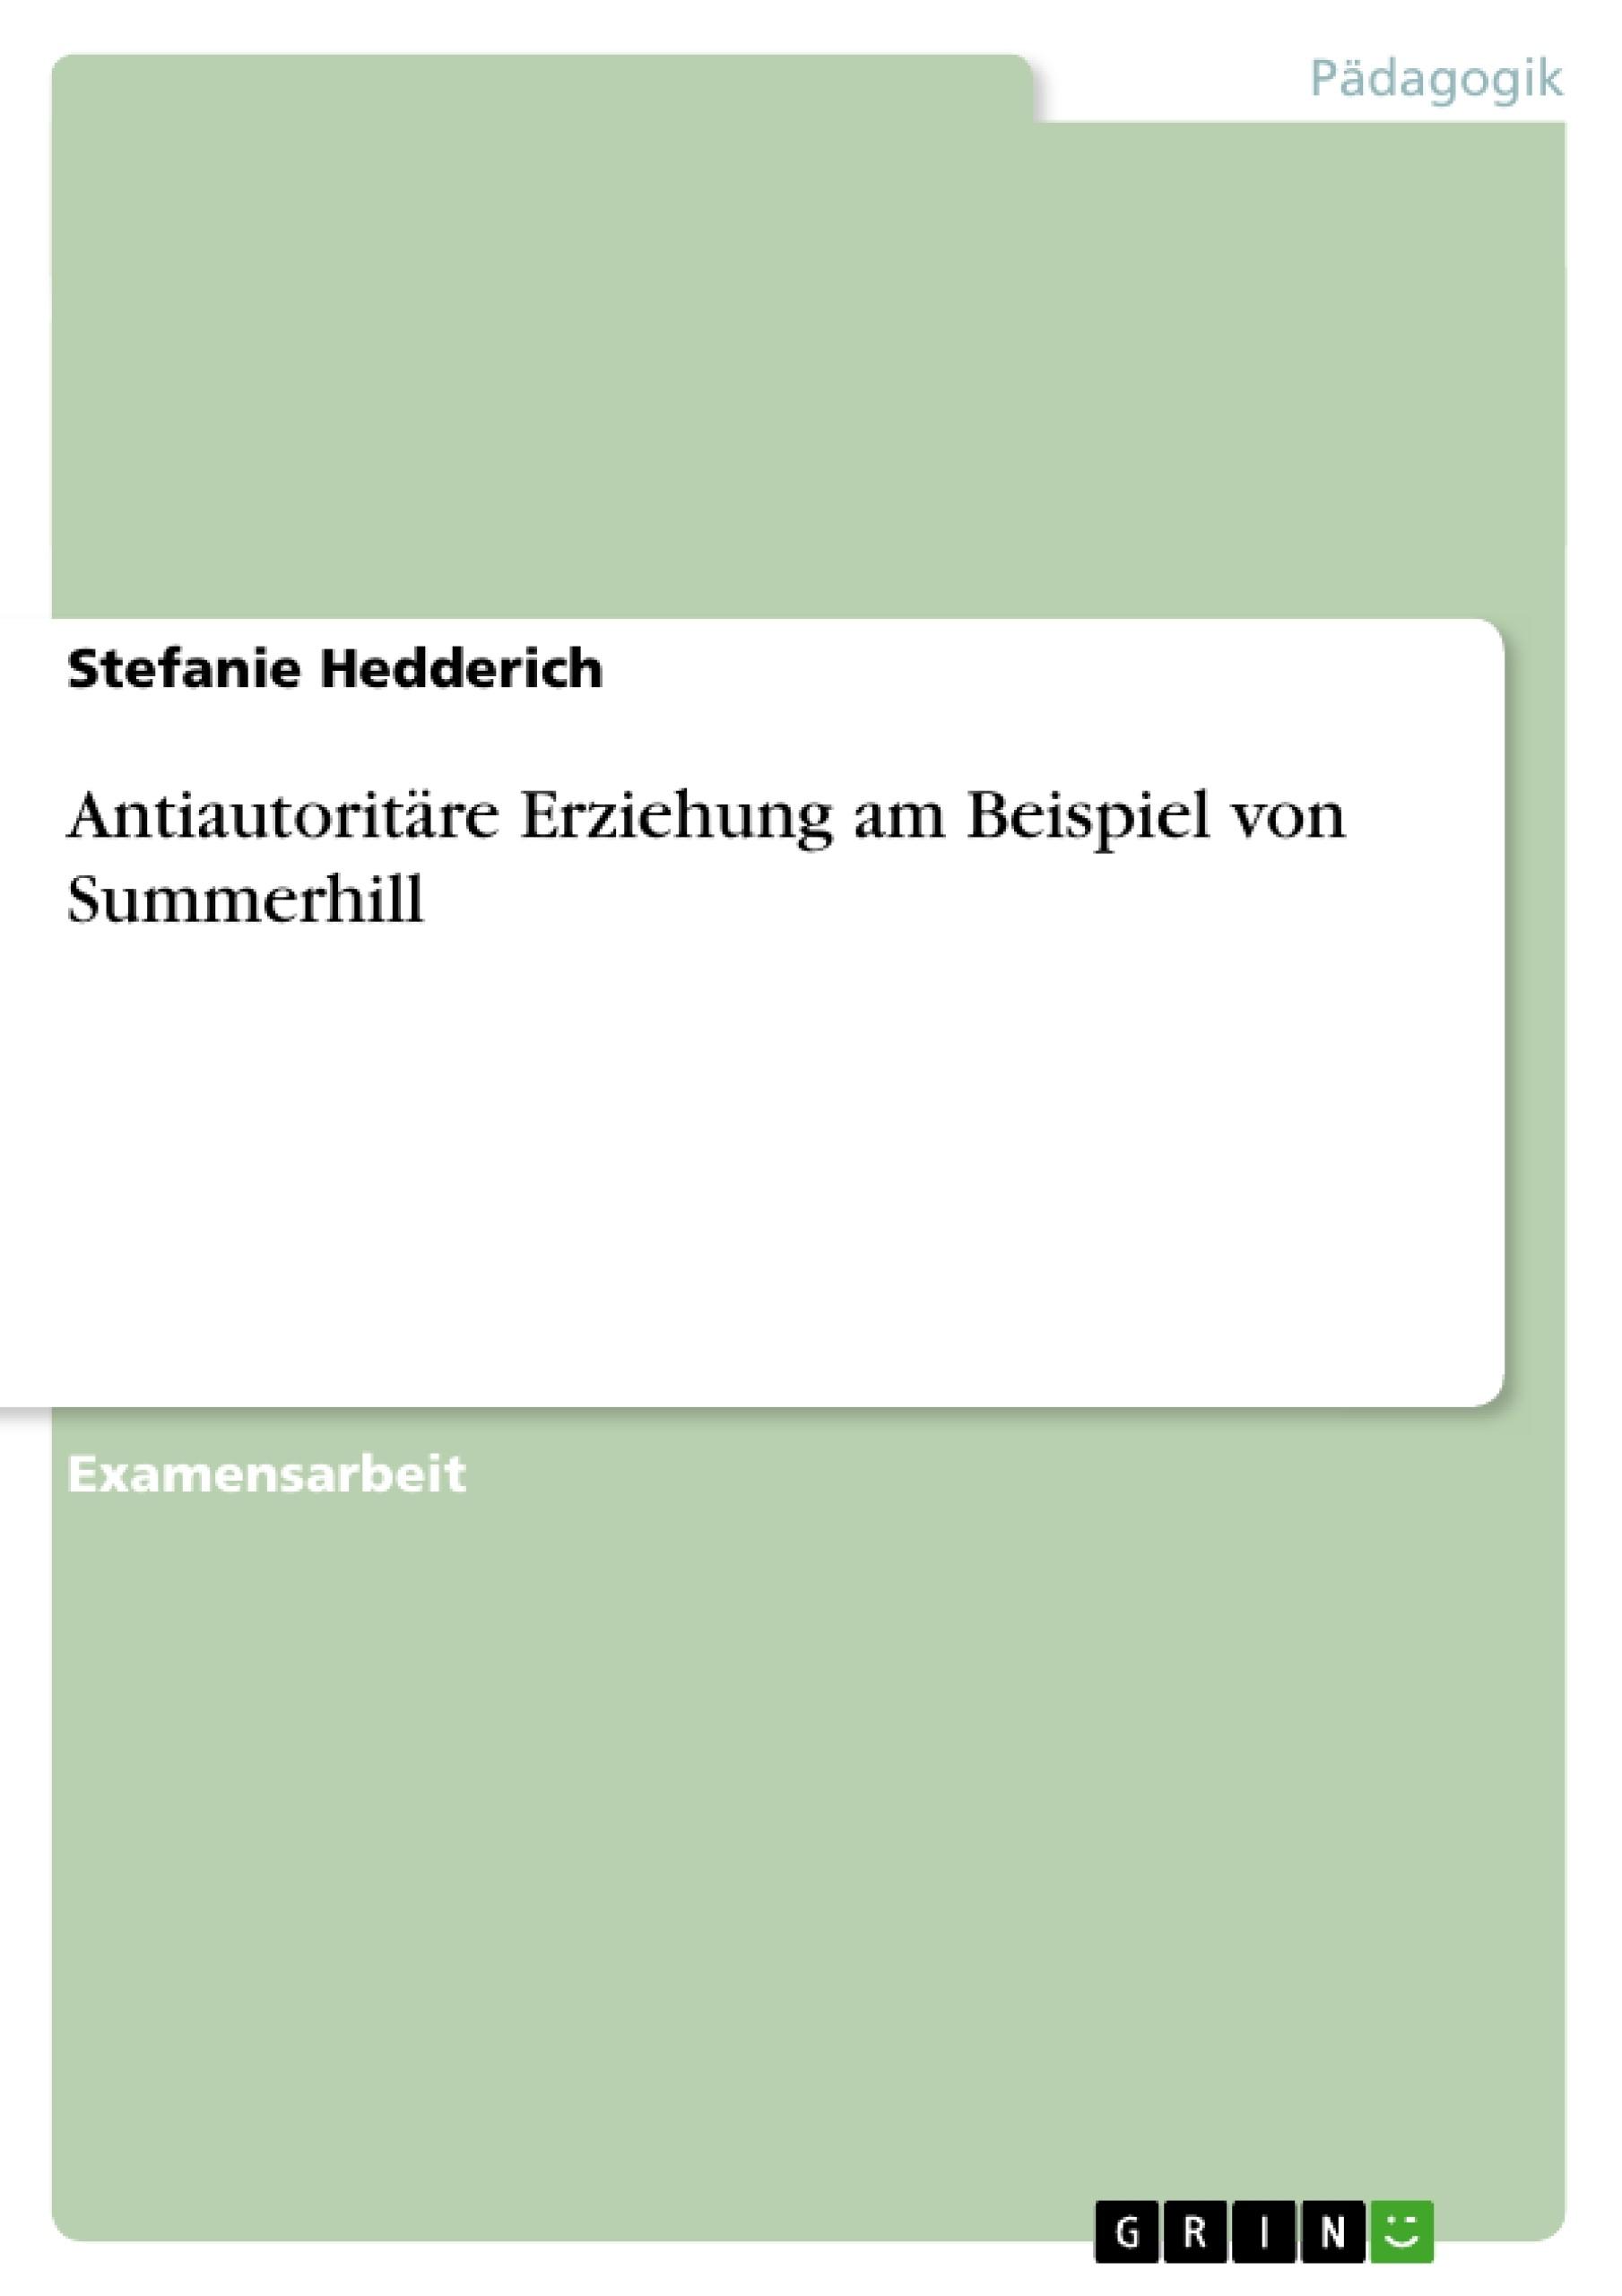 Titel: Antiautoritäre Erziehung am Beispiel von Summerhill